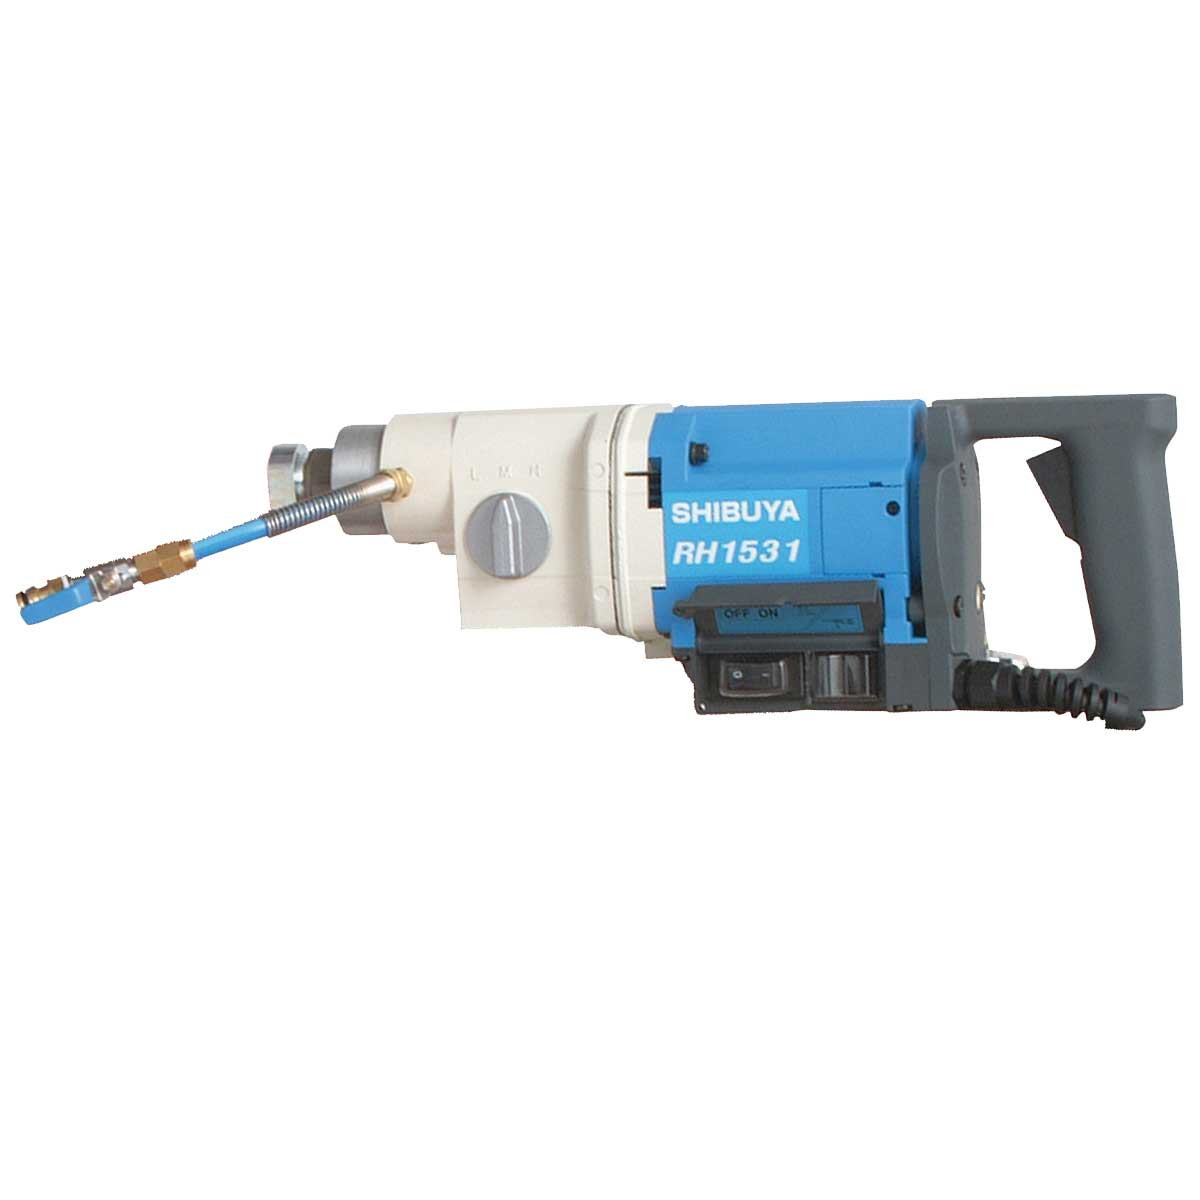 Diteq Shibuya Blu-Drill hand drill